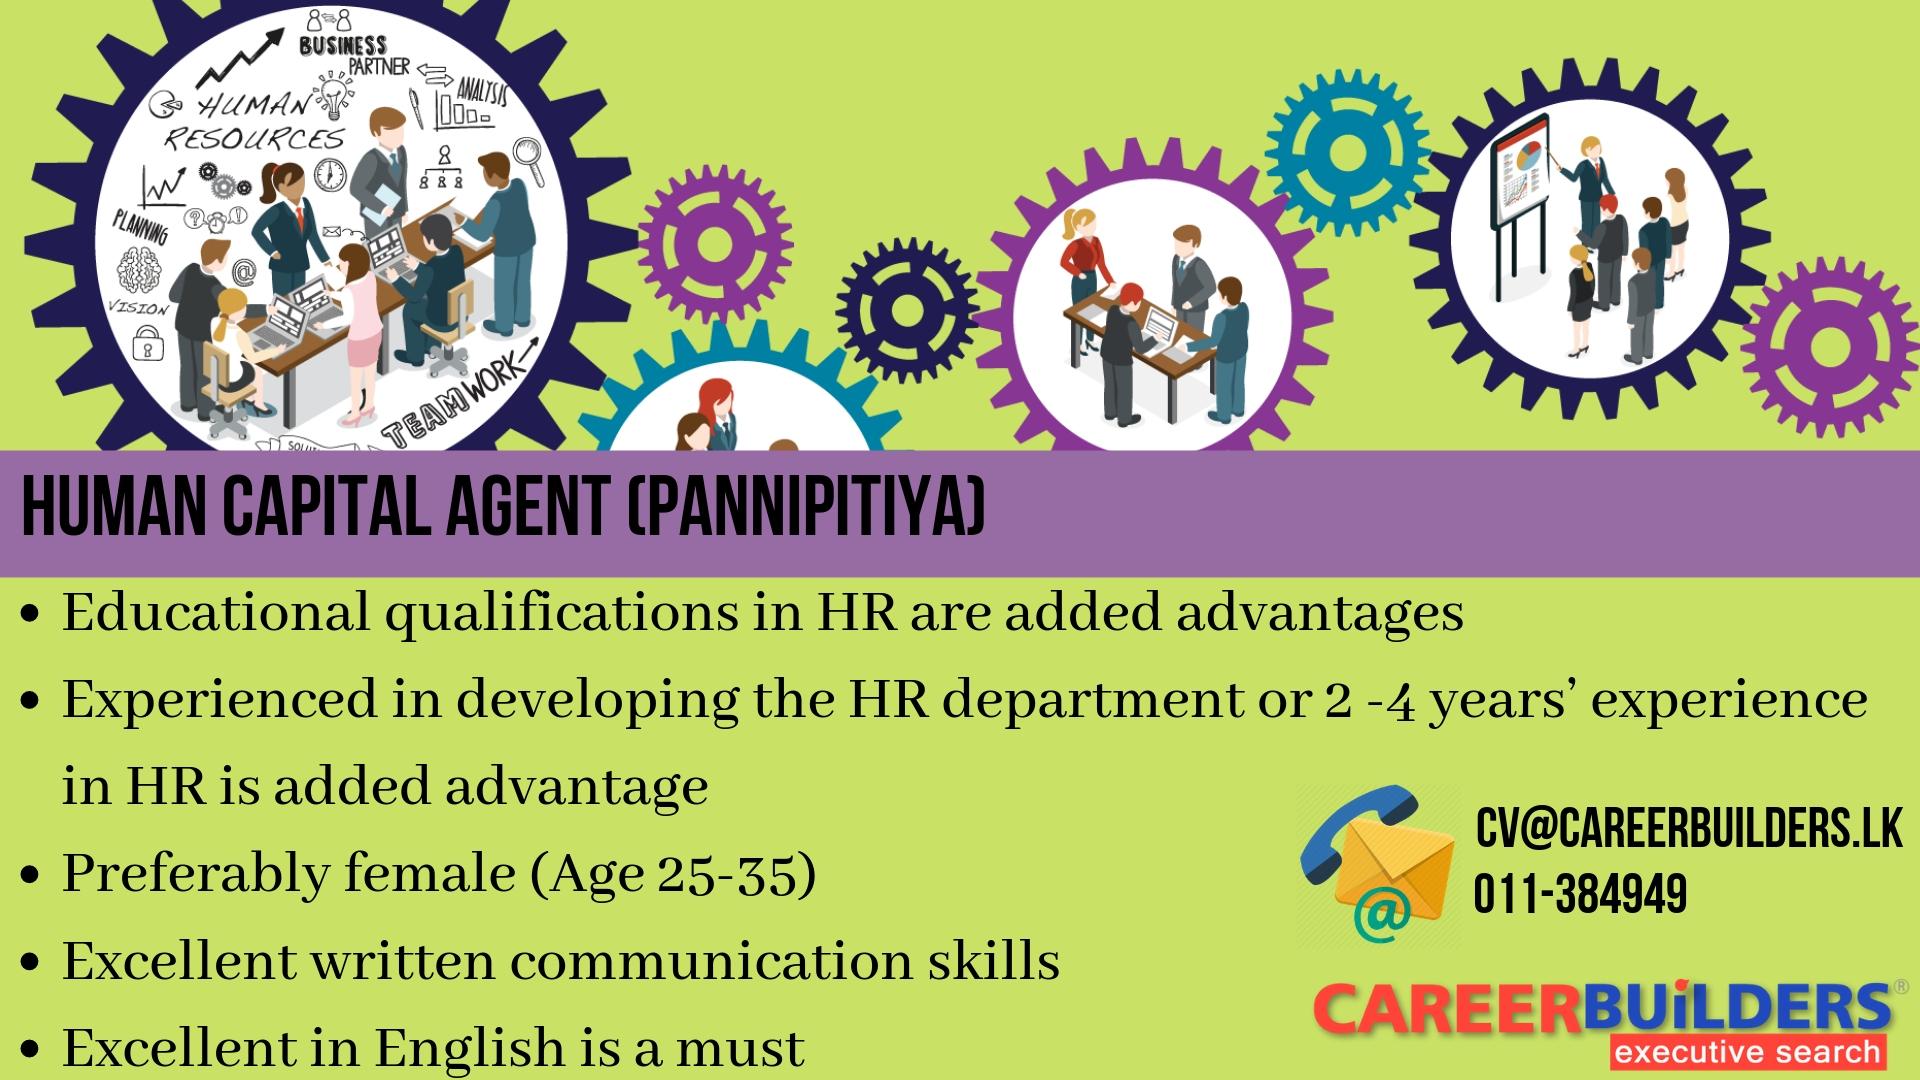 top jobs, job vacancies - Human Capital Agent (Pannipitiya) in Colombo